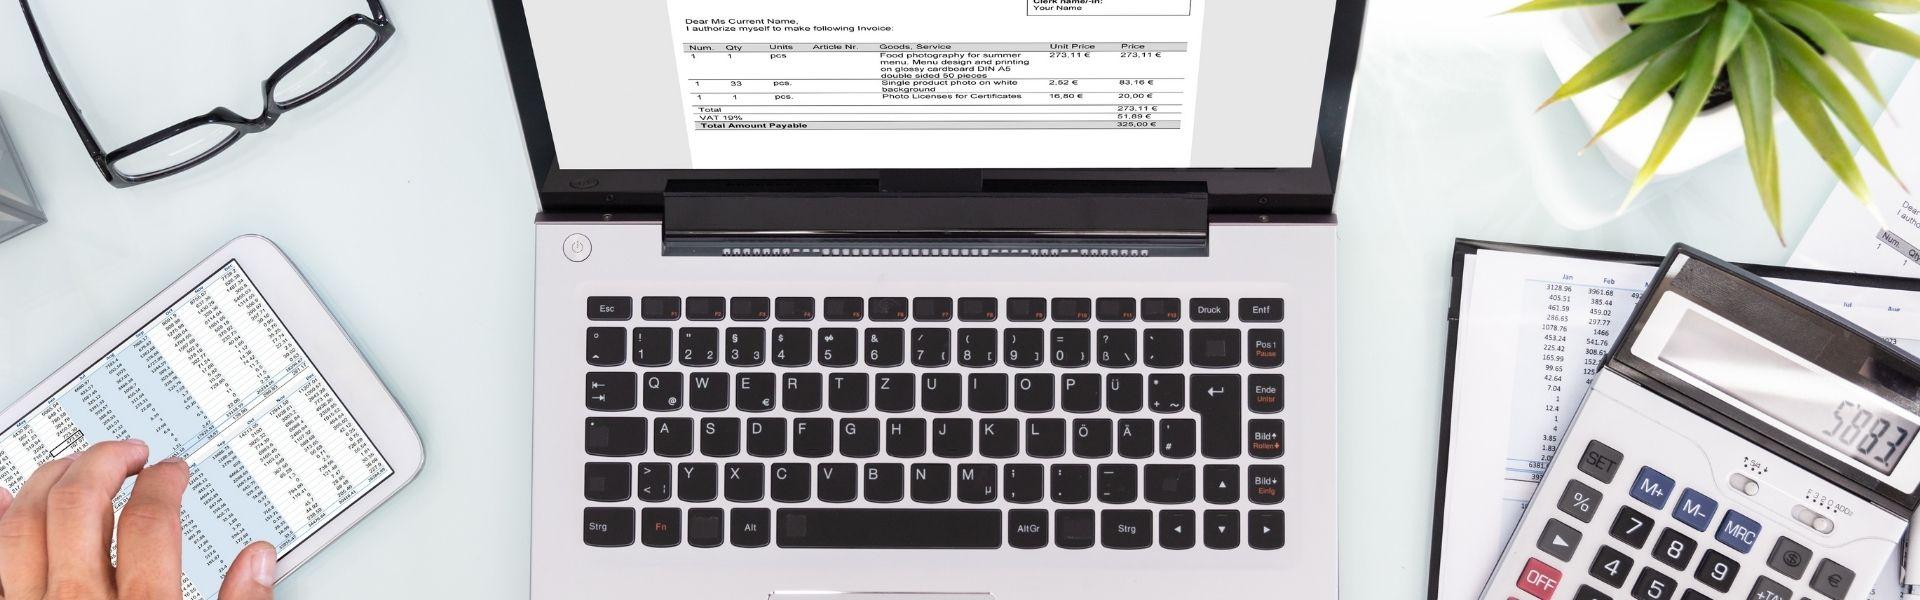 Ebook Proyecto  Batuz - Semantic Systems 1920x600px